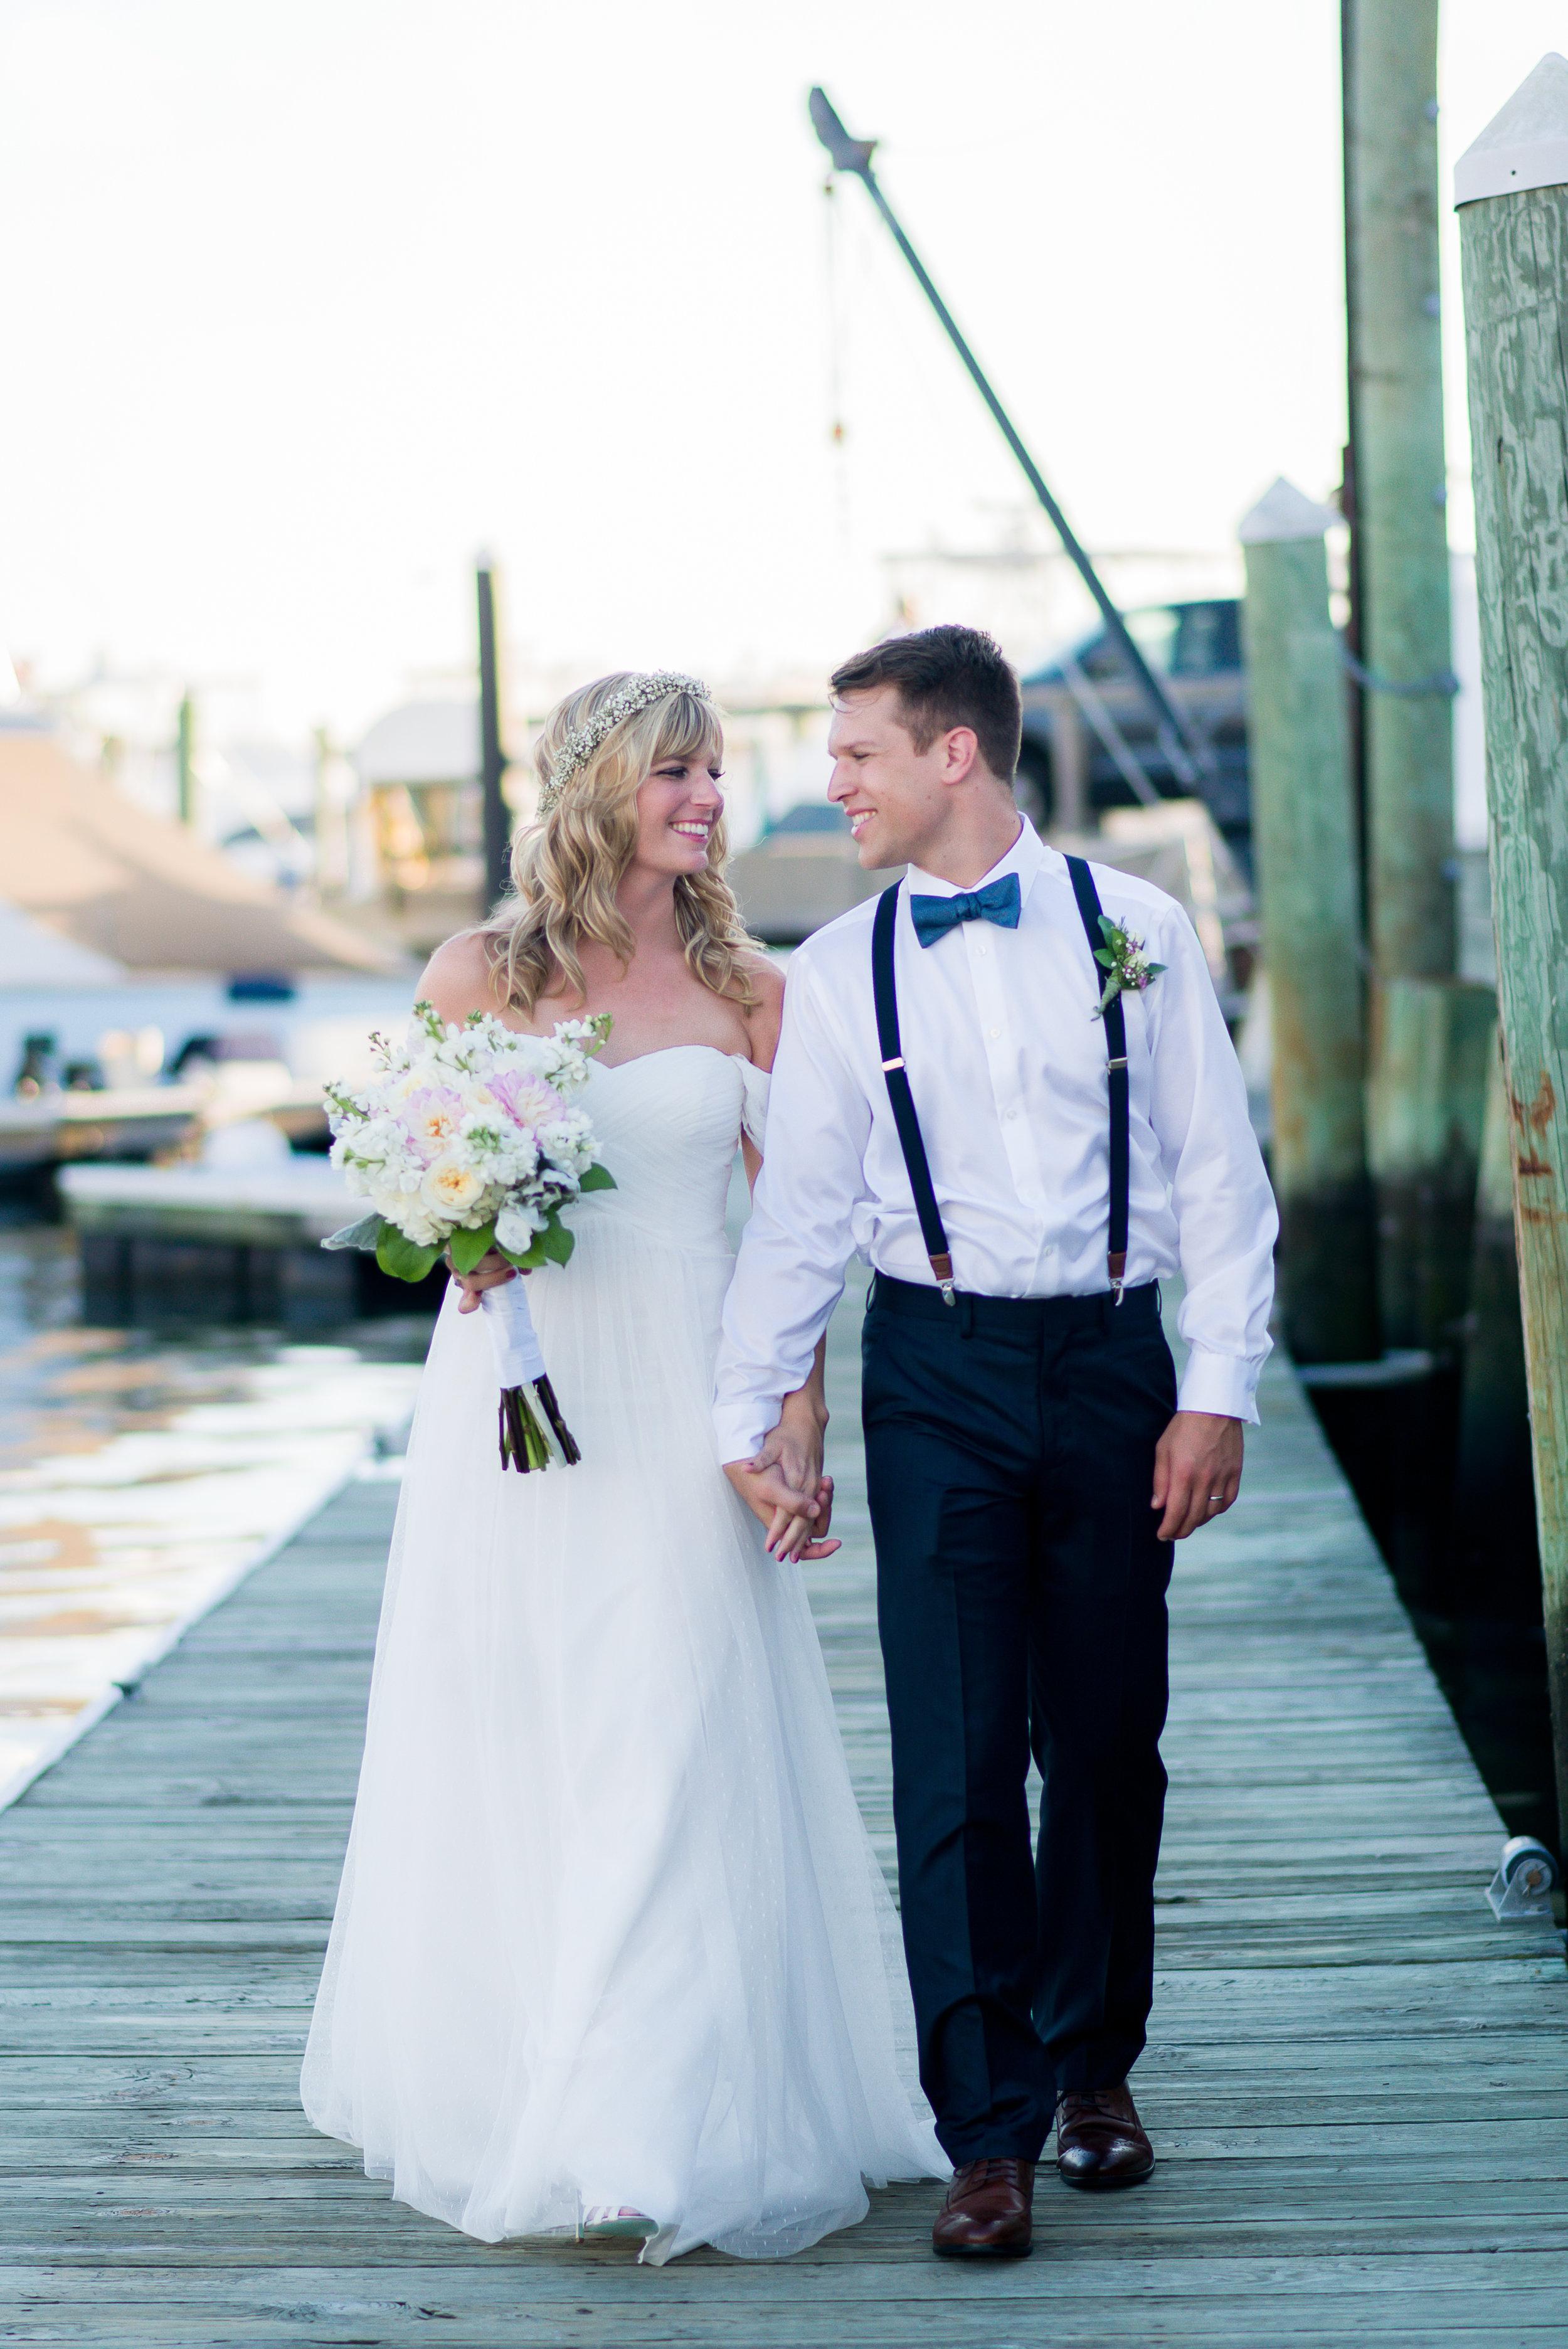 Laura + Joel | Married0793.jpg